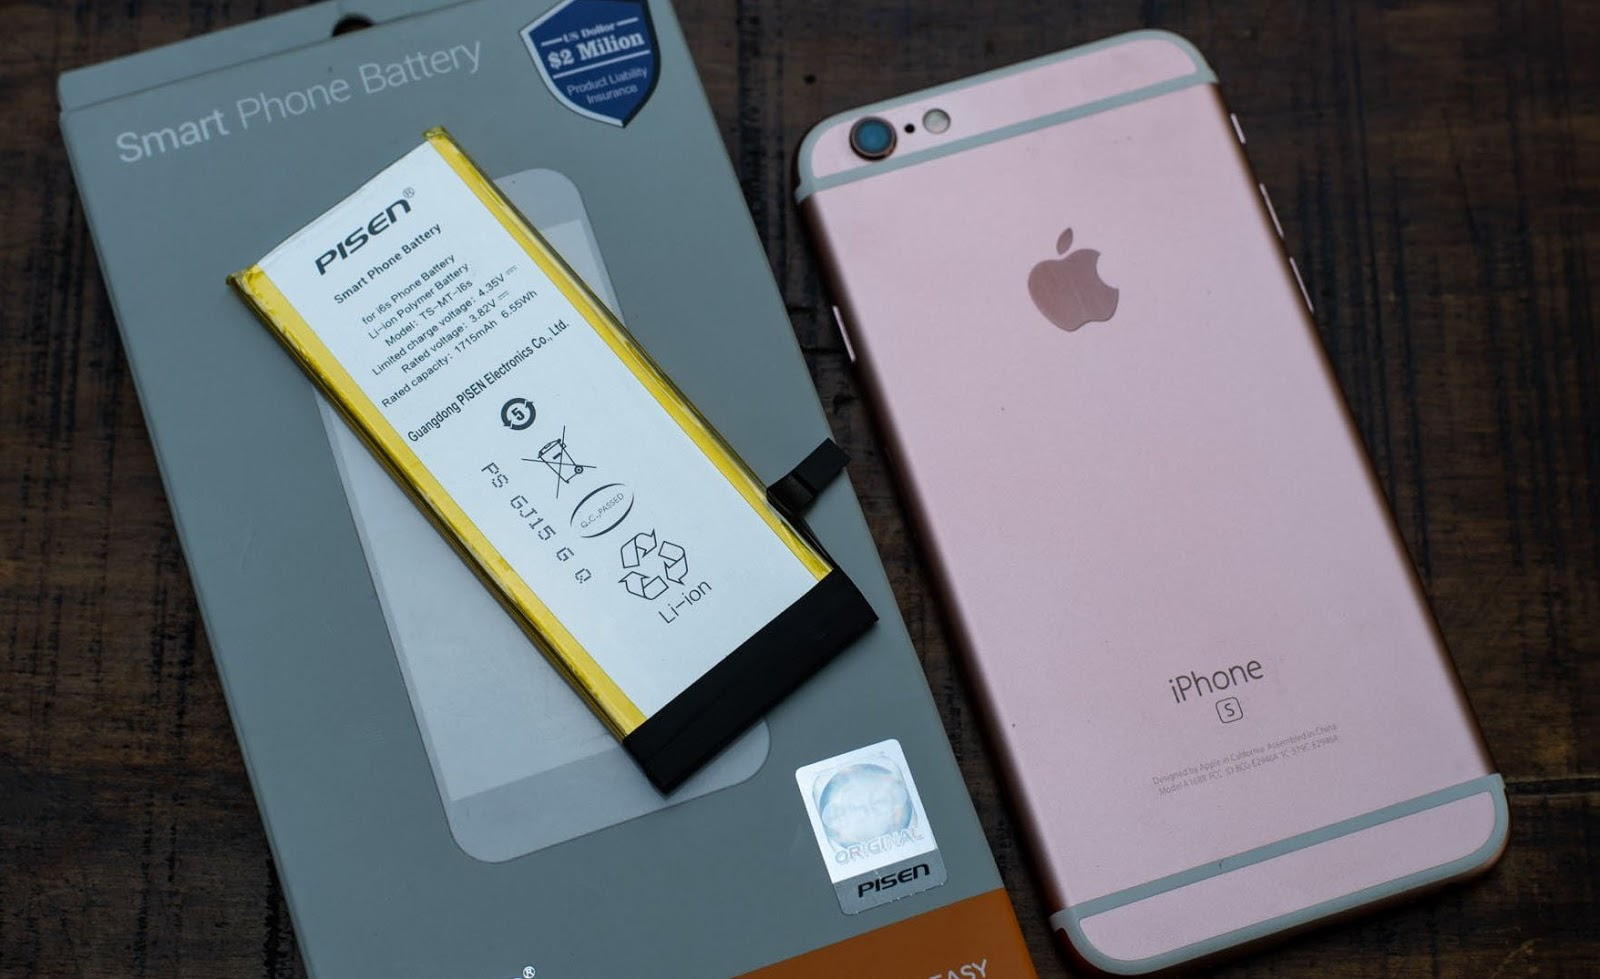 Trải nghiệm và đánh giá chất lượng thay pin Pisen cho iphone